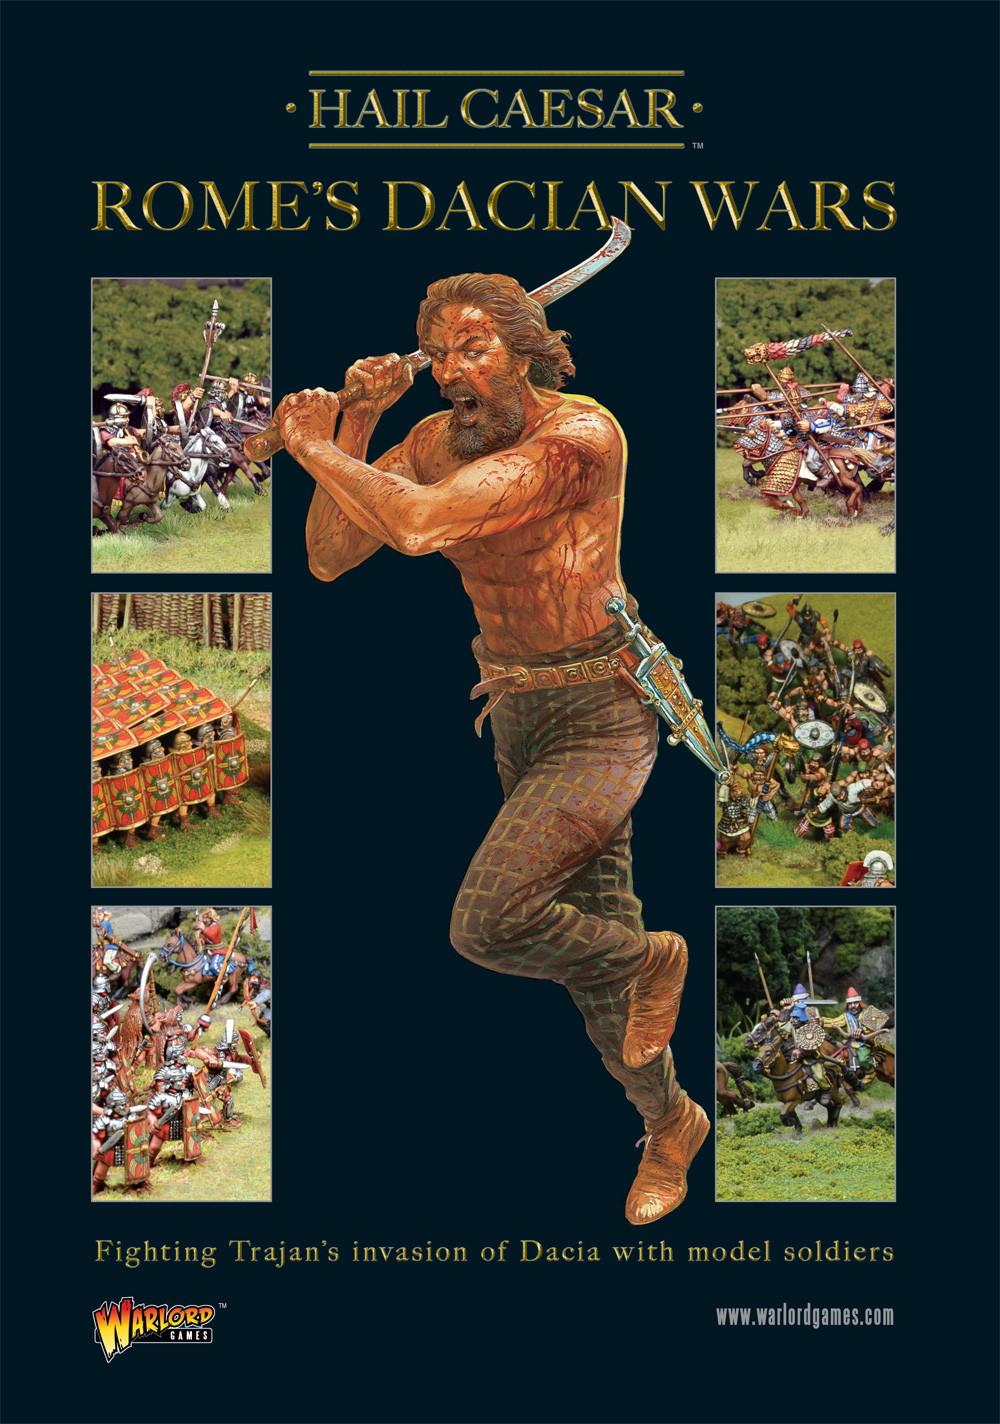 Romes dacian wars